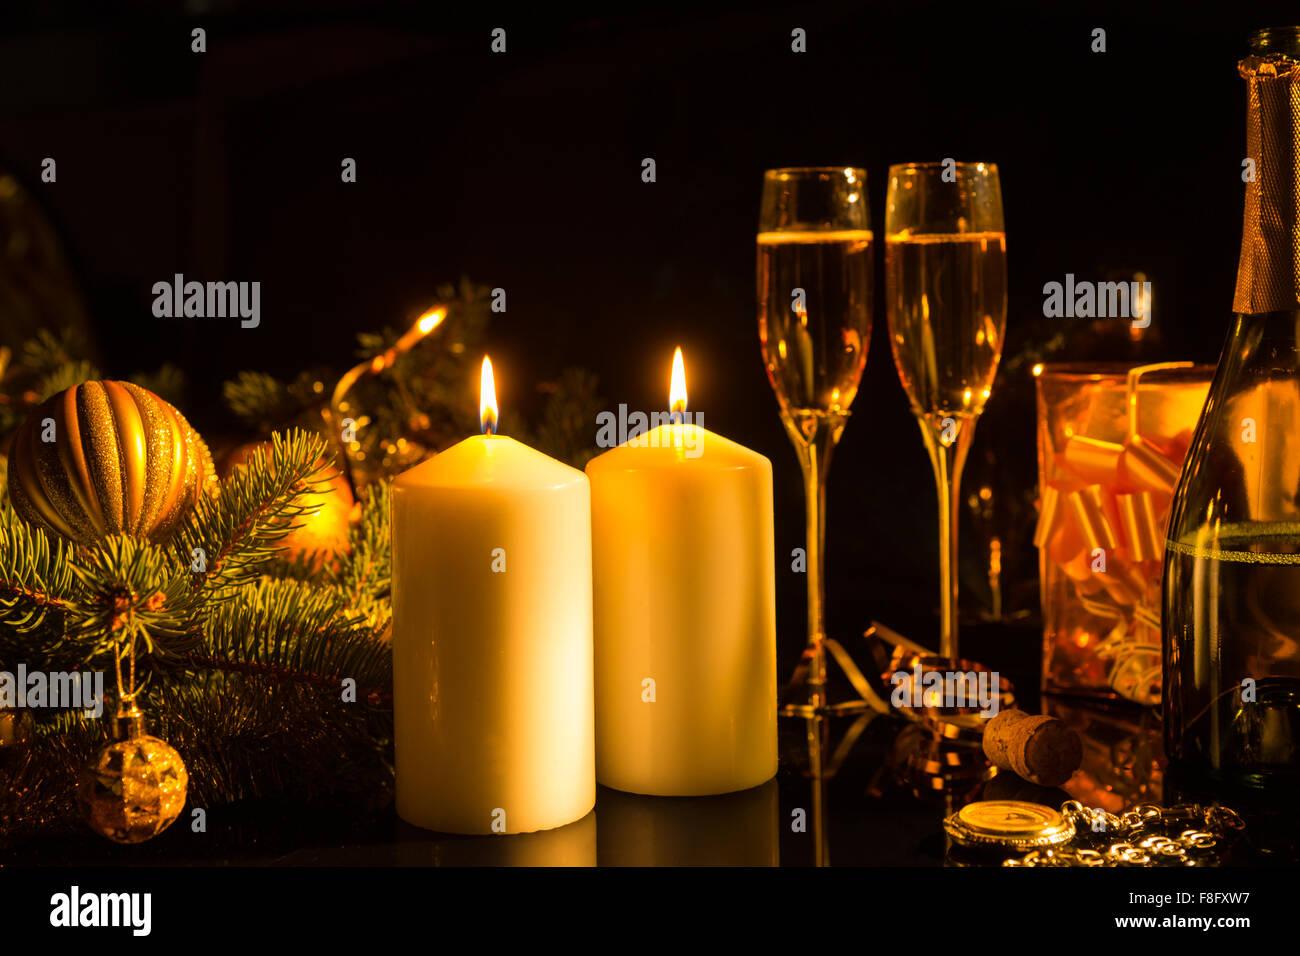 Regali Di Natale Romantici.Romantico Ancora In Vita Di Acceso Candele Che Illuminano I